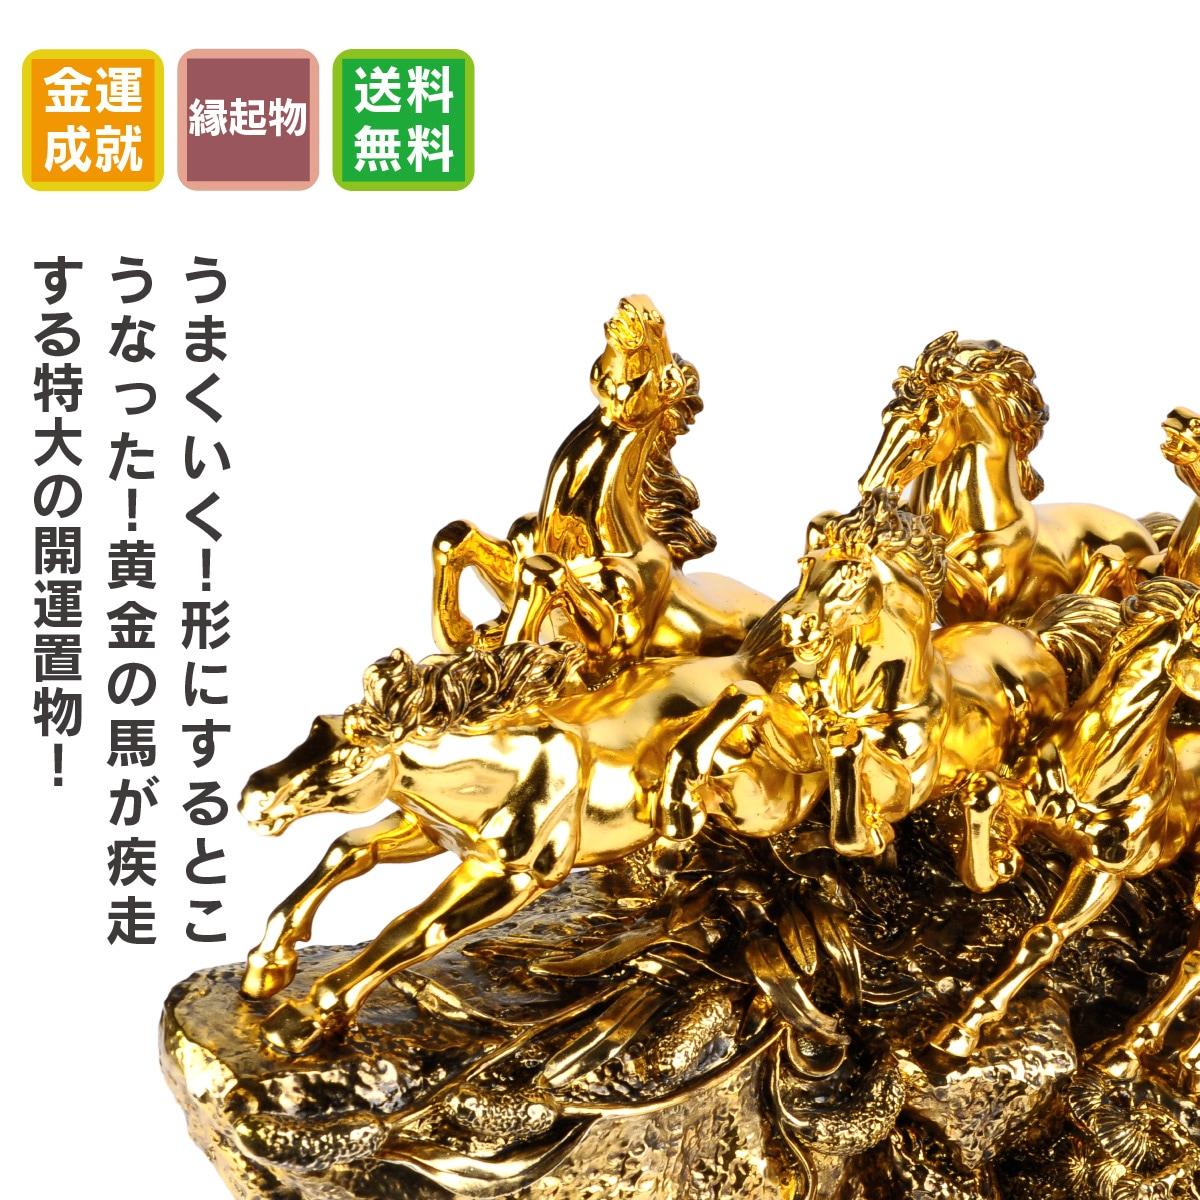 【うまくいく!】九大昇運『黄金九頭馬』【特大置物】